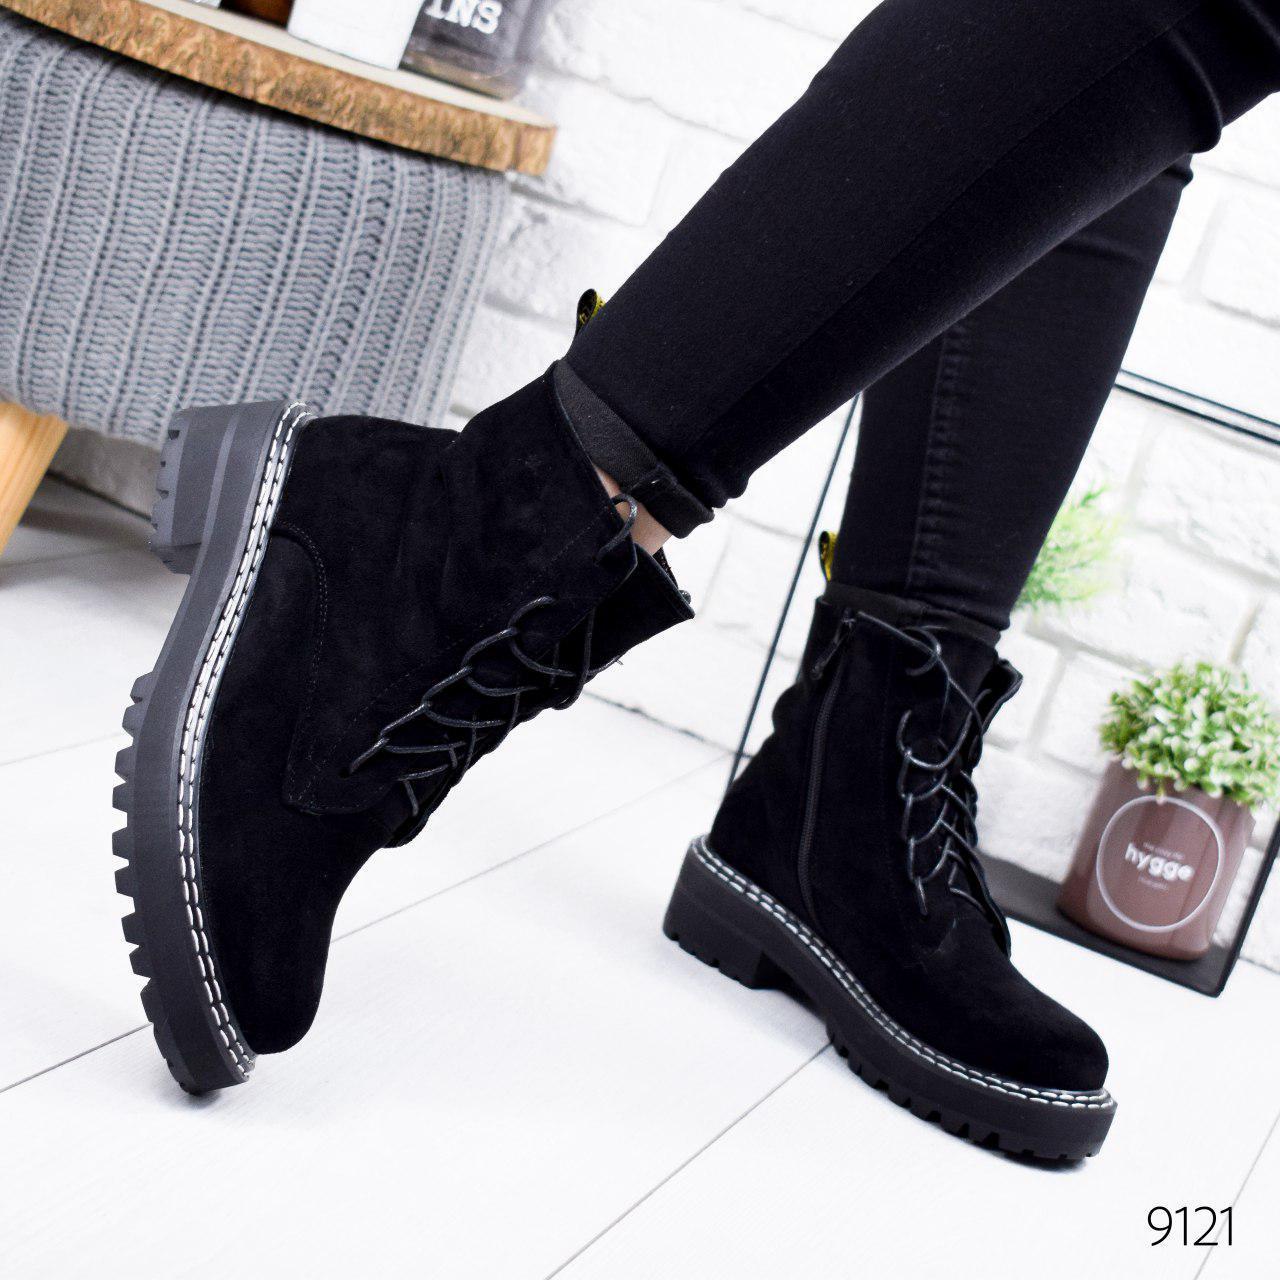 """Ботинки женские демисезонные, черного цвета из эко замши """"9121"""". Черевики жіночі. Обувь осенняя"""